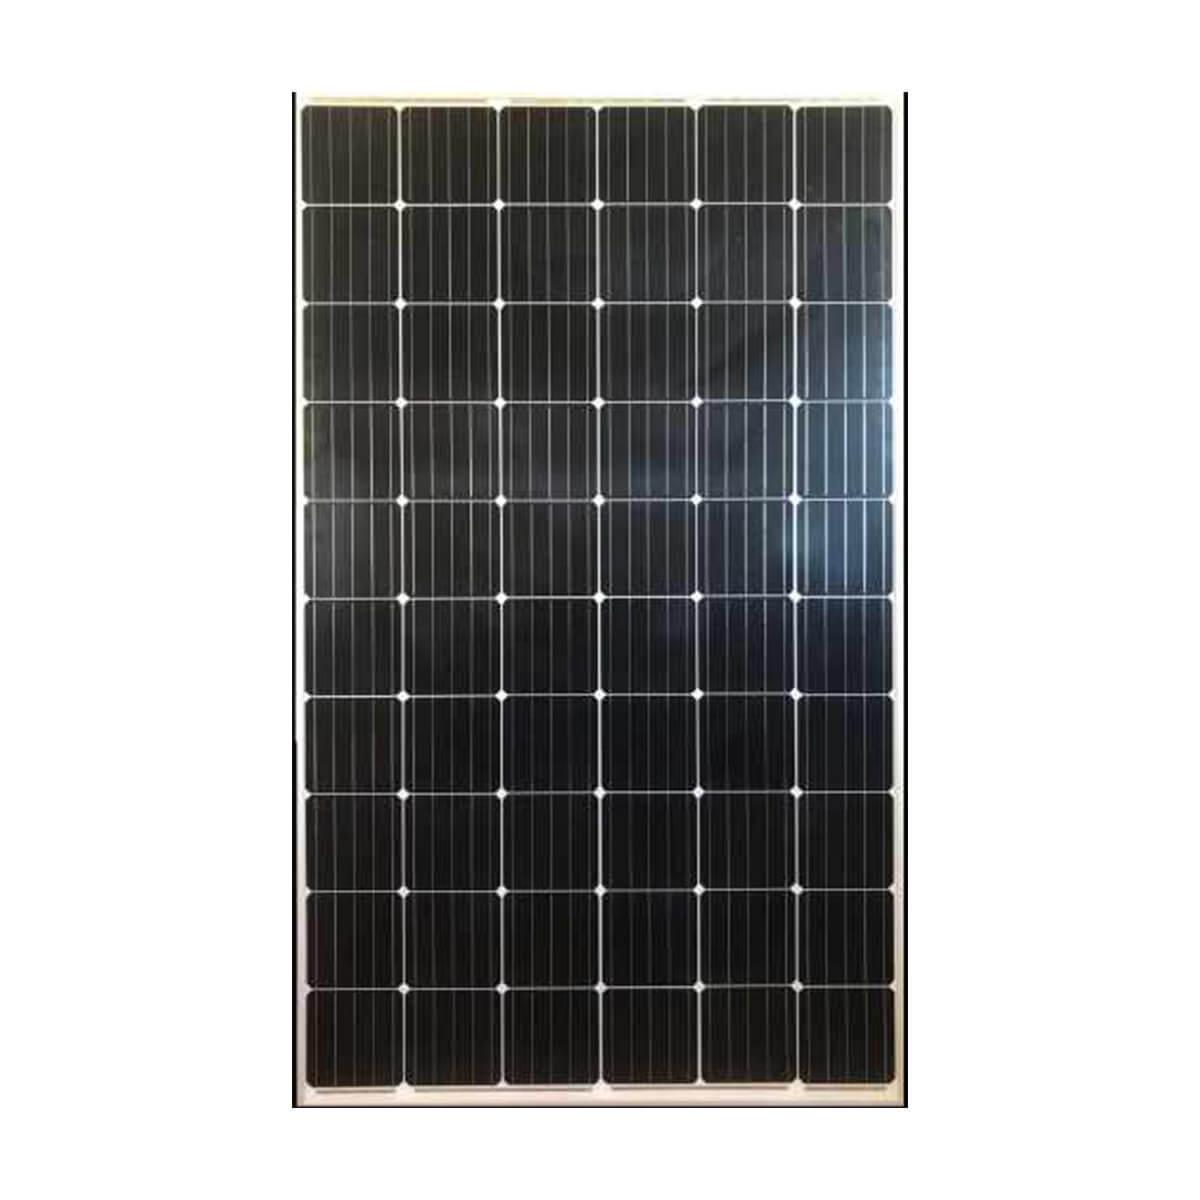 gazioglu solar enerji 320W panel, gazioglu solar enerji 320Watt panel, gazioglu solar enerji 320 W panel, gazioglu solar enerji 320 Watt panel, gazioglu solar enerji 320 Watt monokristal panel, gazioglu solar enerji 320 W watt gunes paneli, gazioglu solar enerji 320 W watt monokristal gunes paneli, gazioglu solar enerji 320 W Watt fotovoltaik monokristal solar panel, gazioglu solar enerji 320W monokristal gunes enerjisi, gazioglu solar enerji GSE-320W panel